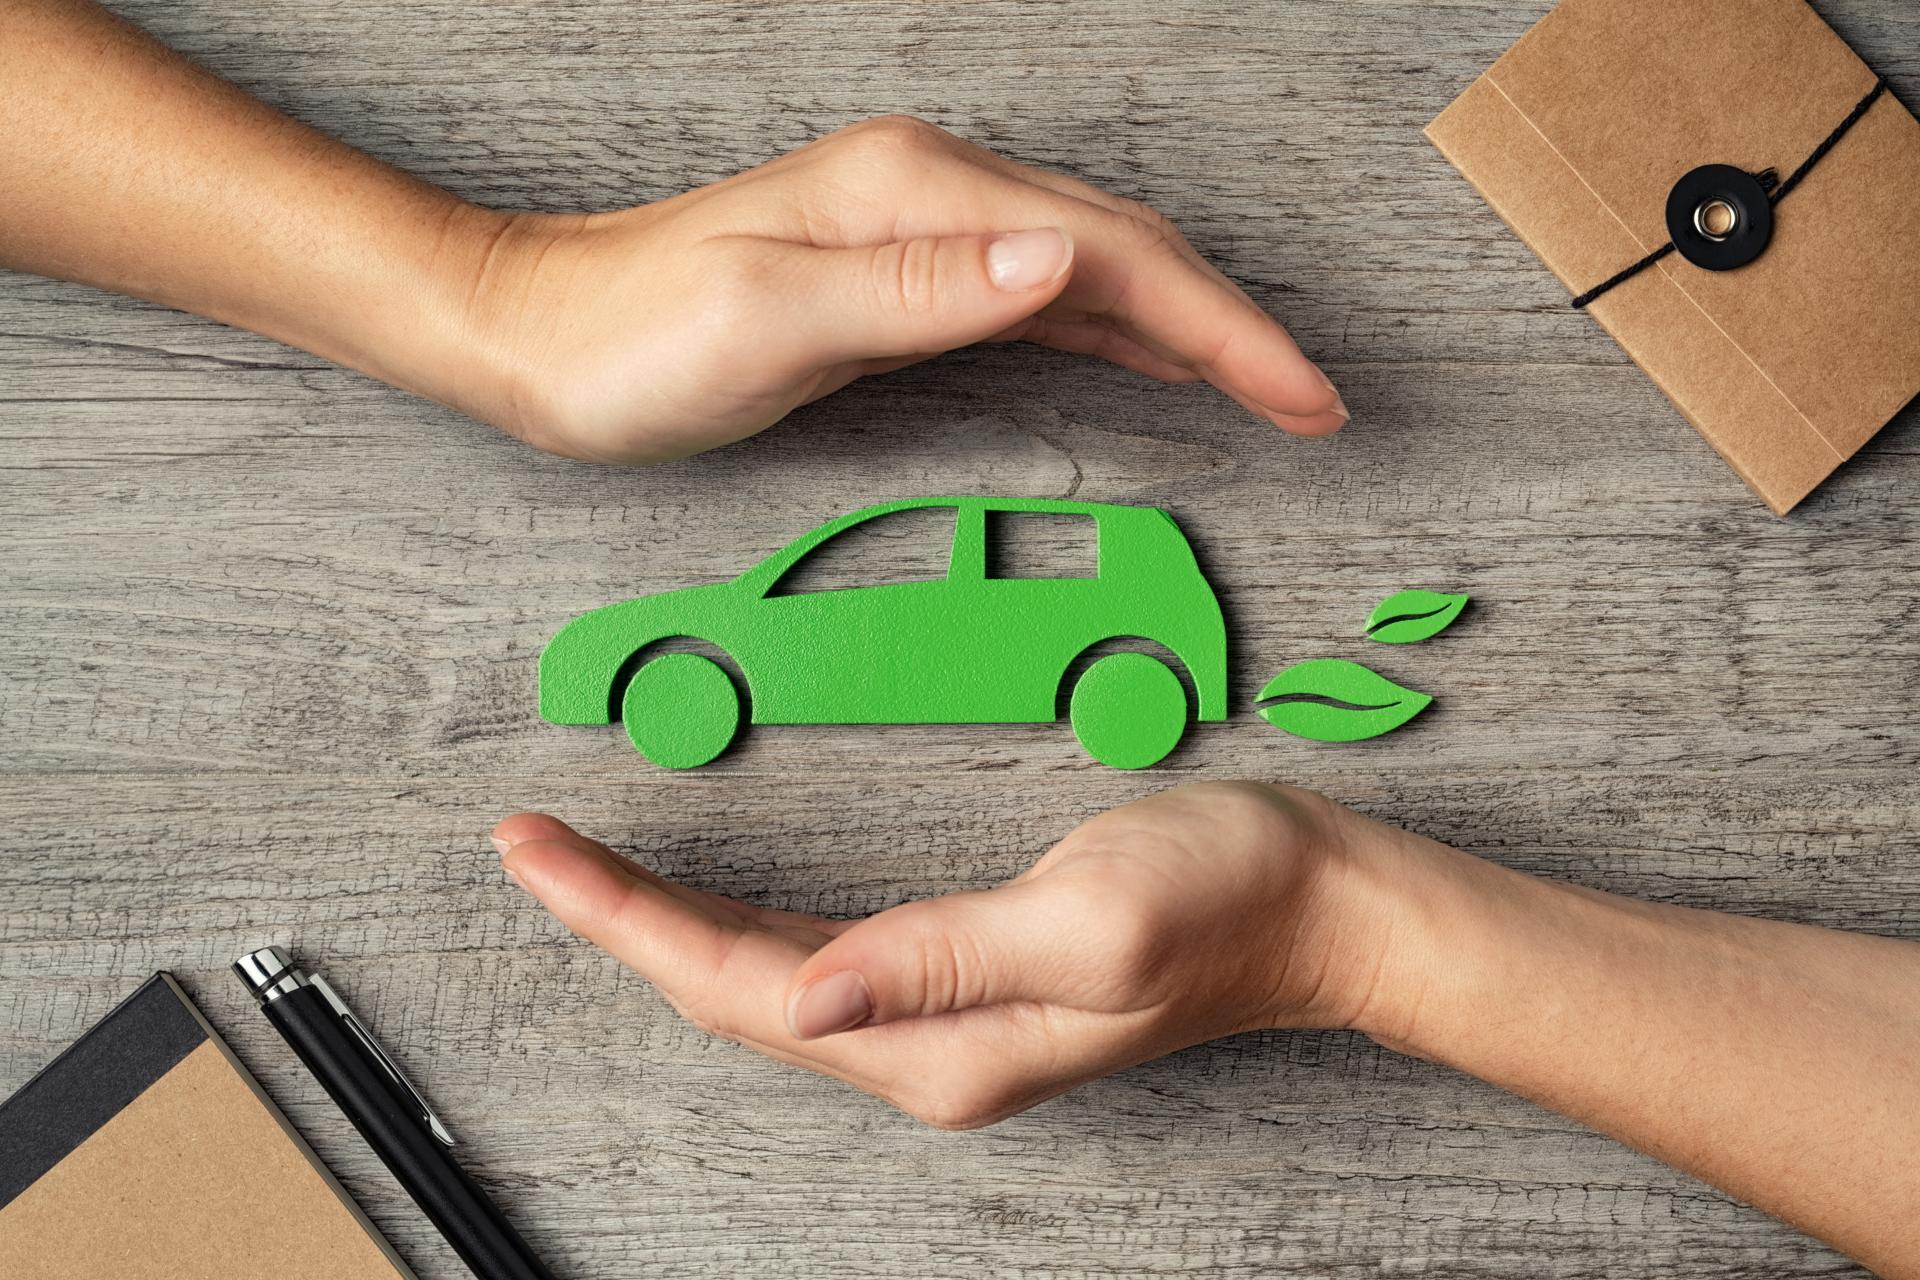 finn.auto: E-Autos im Abo - nachhaltiger, transparenter und flexibler als im Leasing